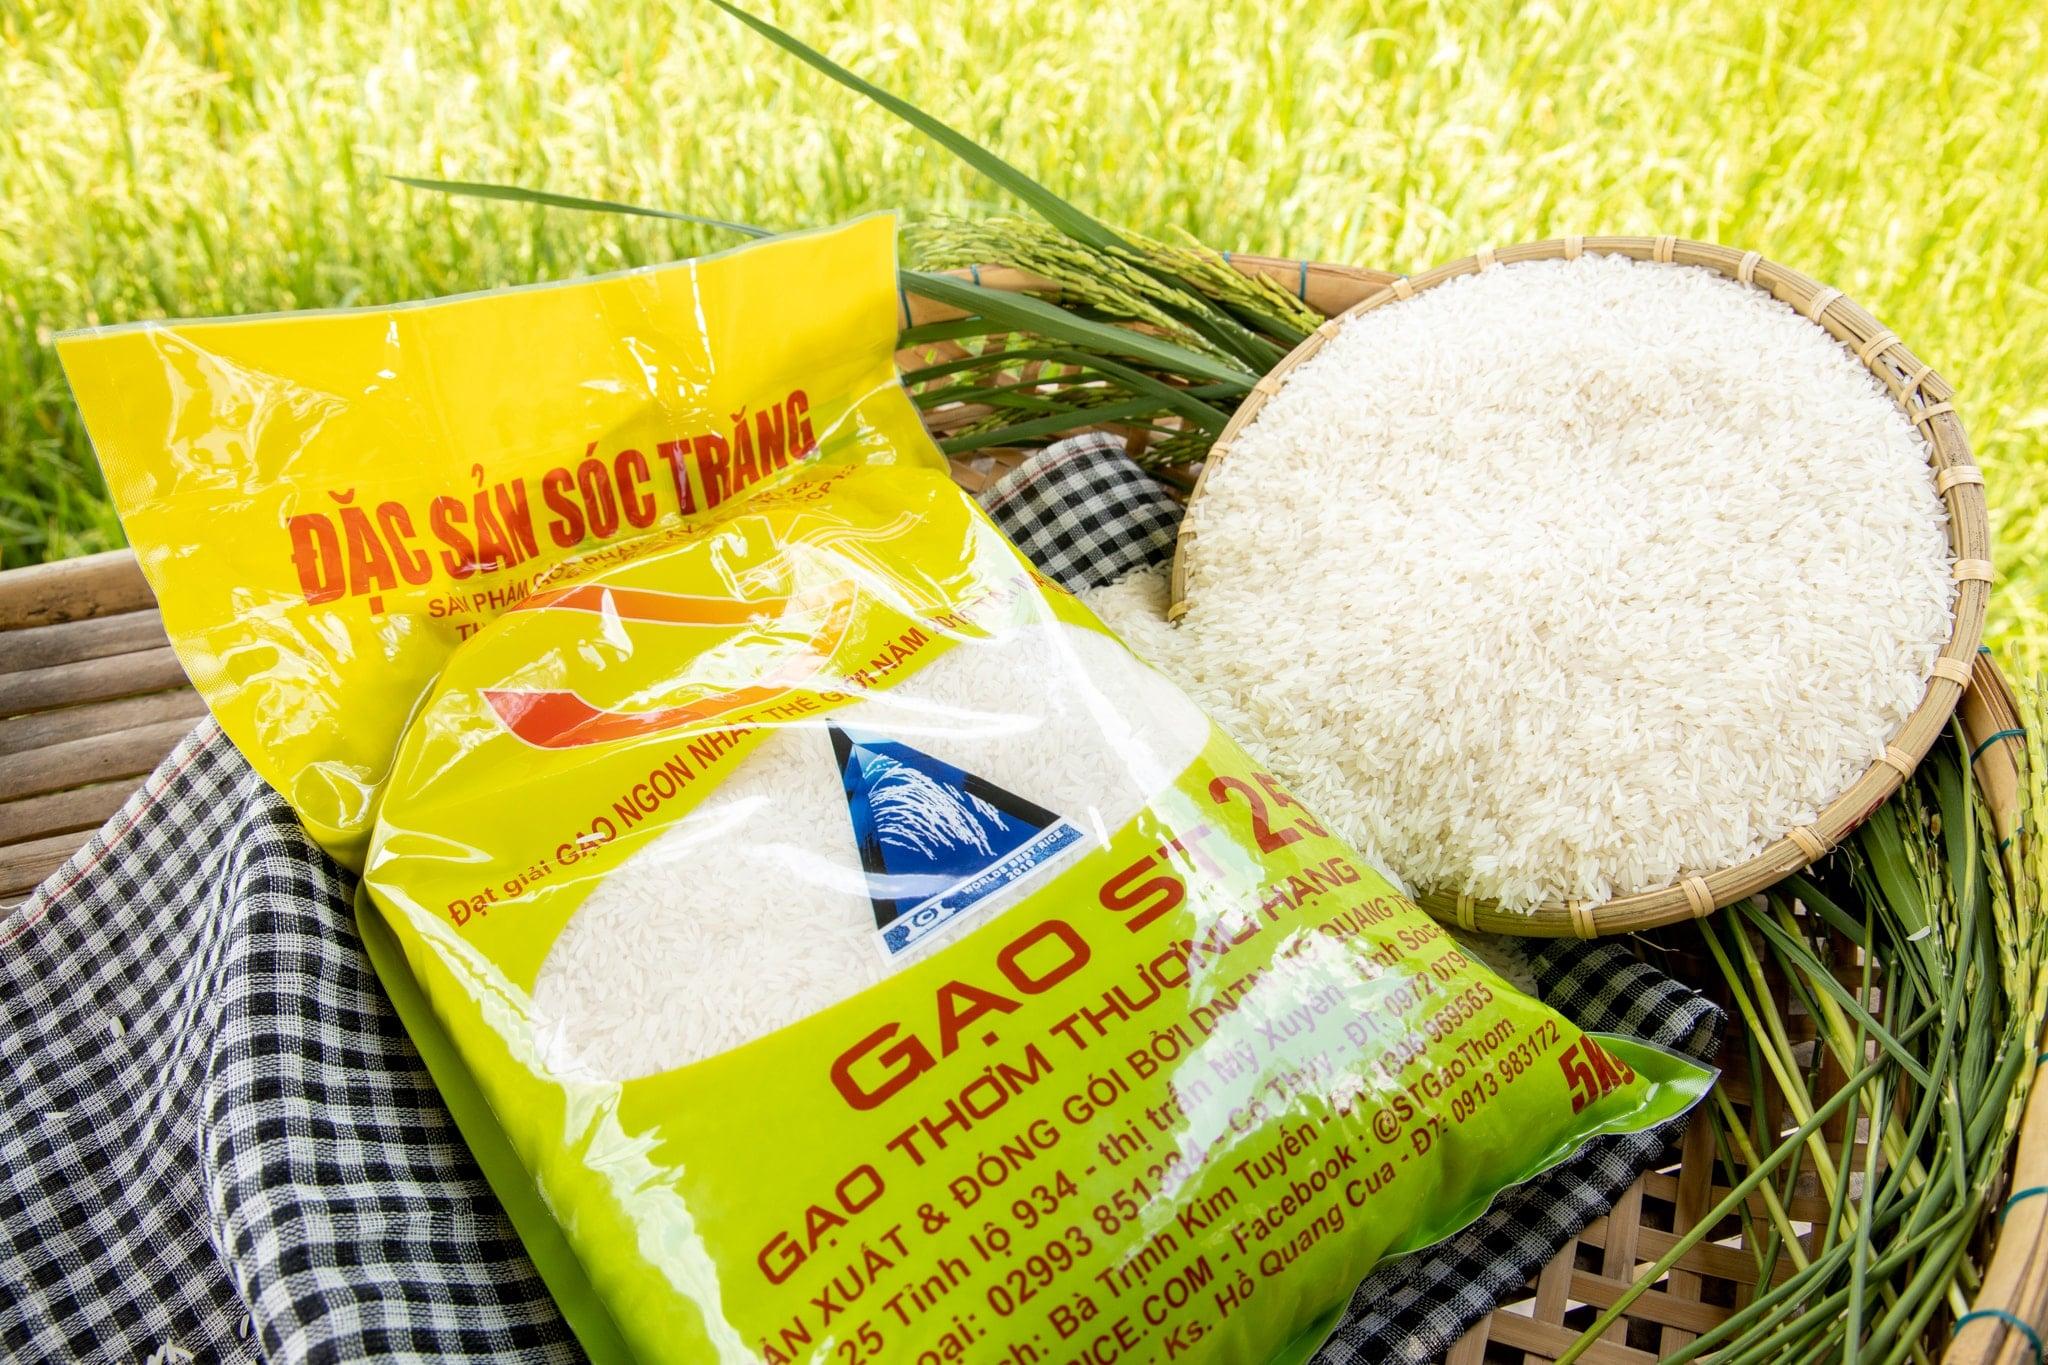 Gạo đặc sản Sóc Trăng ST25